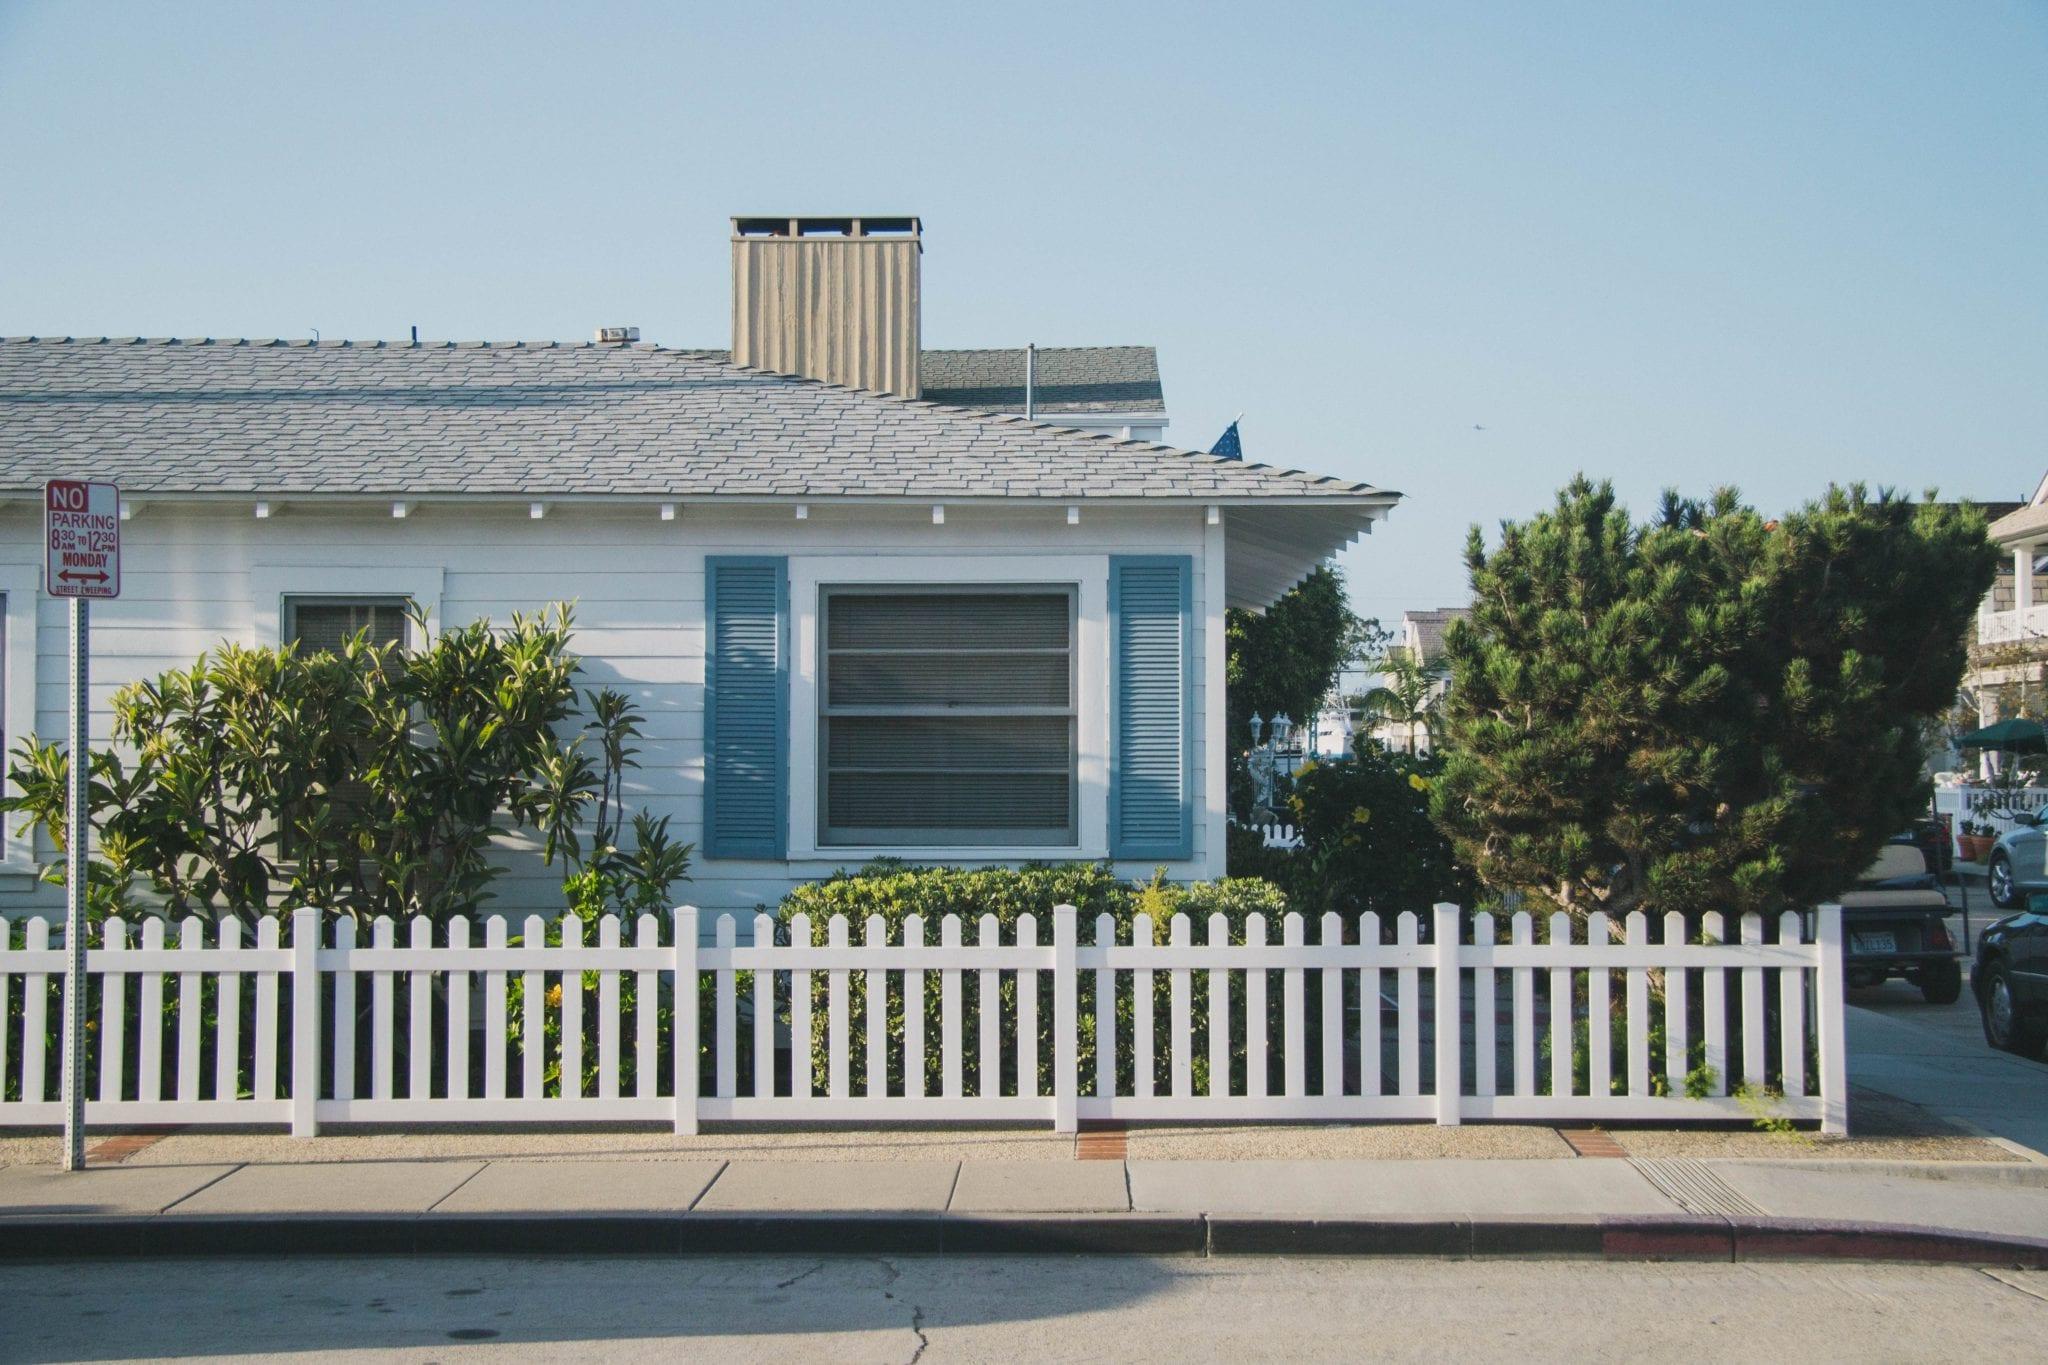 บ้านสไตล์โมเดิร์นลอฟท์ แบบบ้านชั้นเดียวสวยๆ ทันสมัย บ้านโมเดิร์นชั้นเดียว แบบบ้านทรงโมเดิร์น